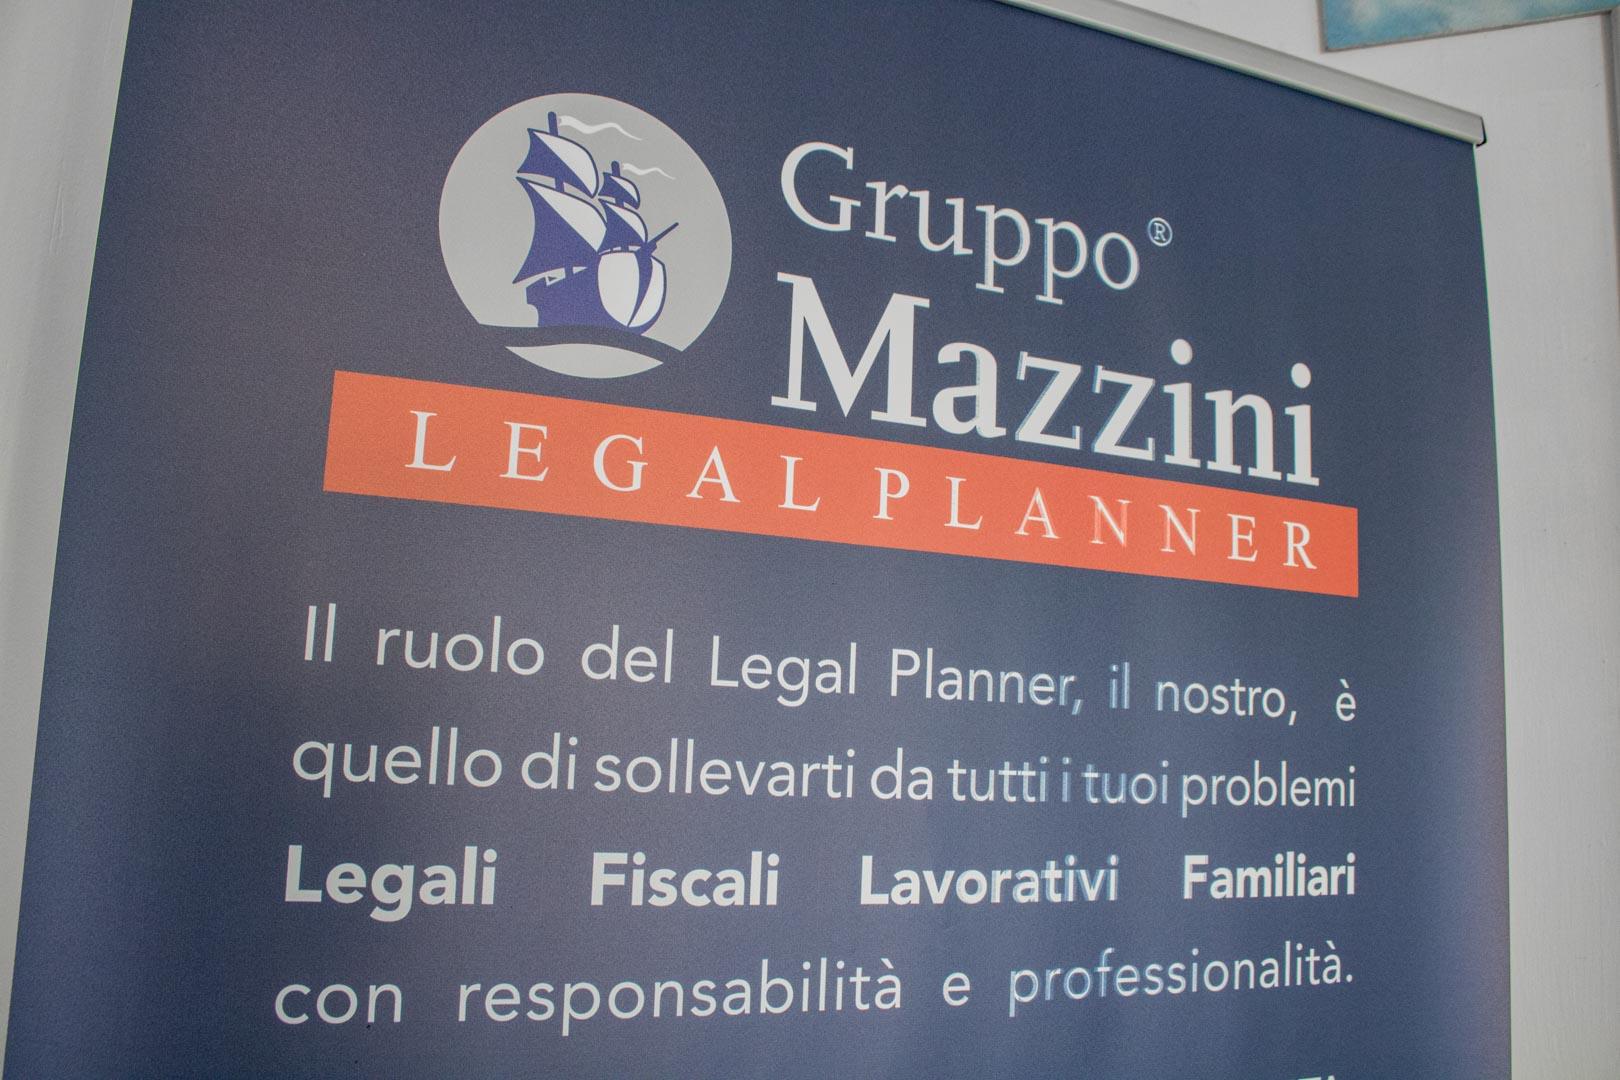 Carpi Onoranze e la collaborazione col Gruppo Mazzini Legal Planner